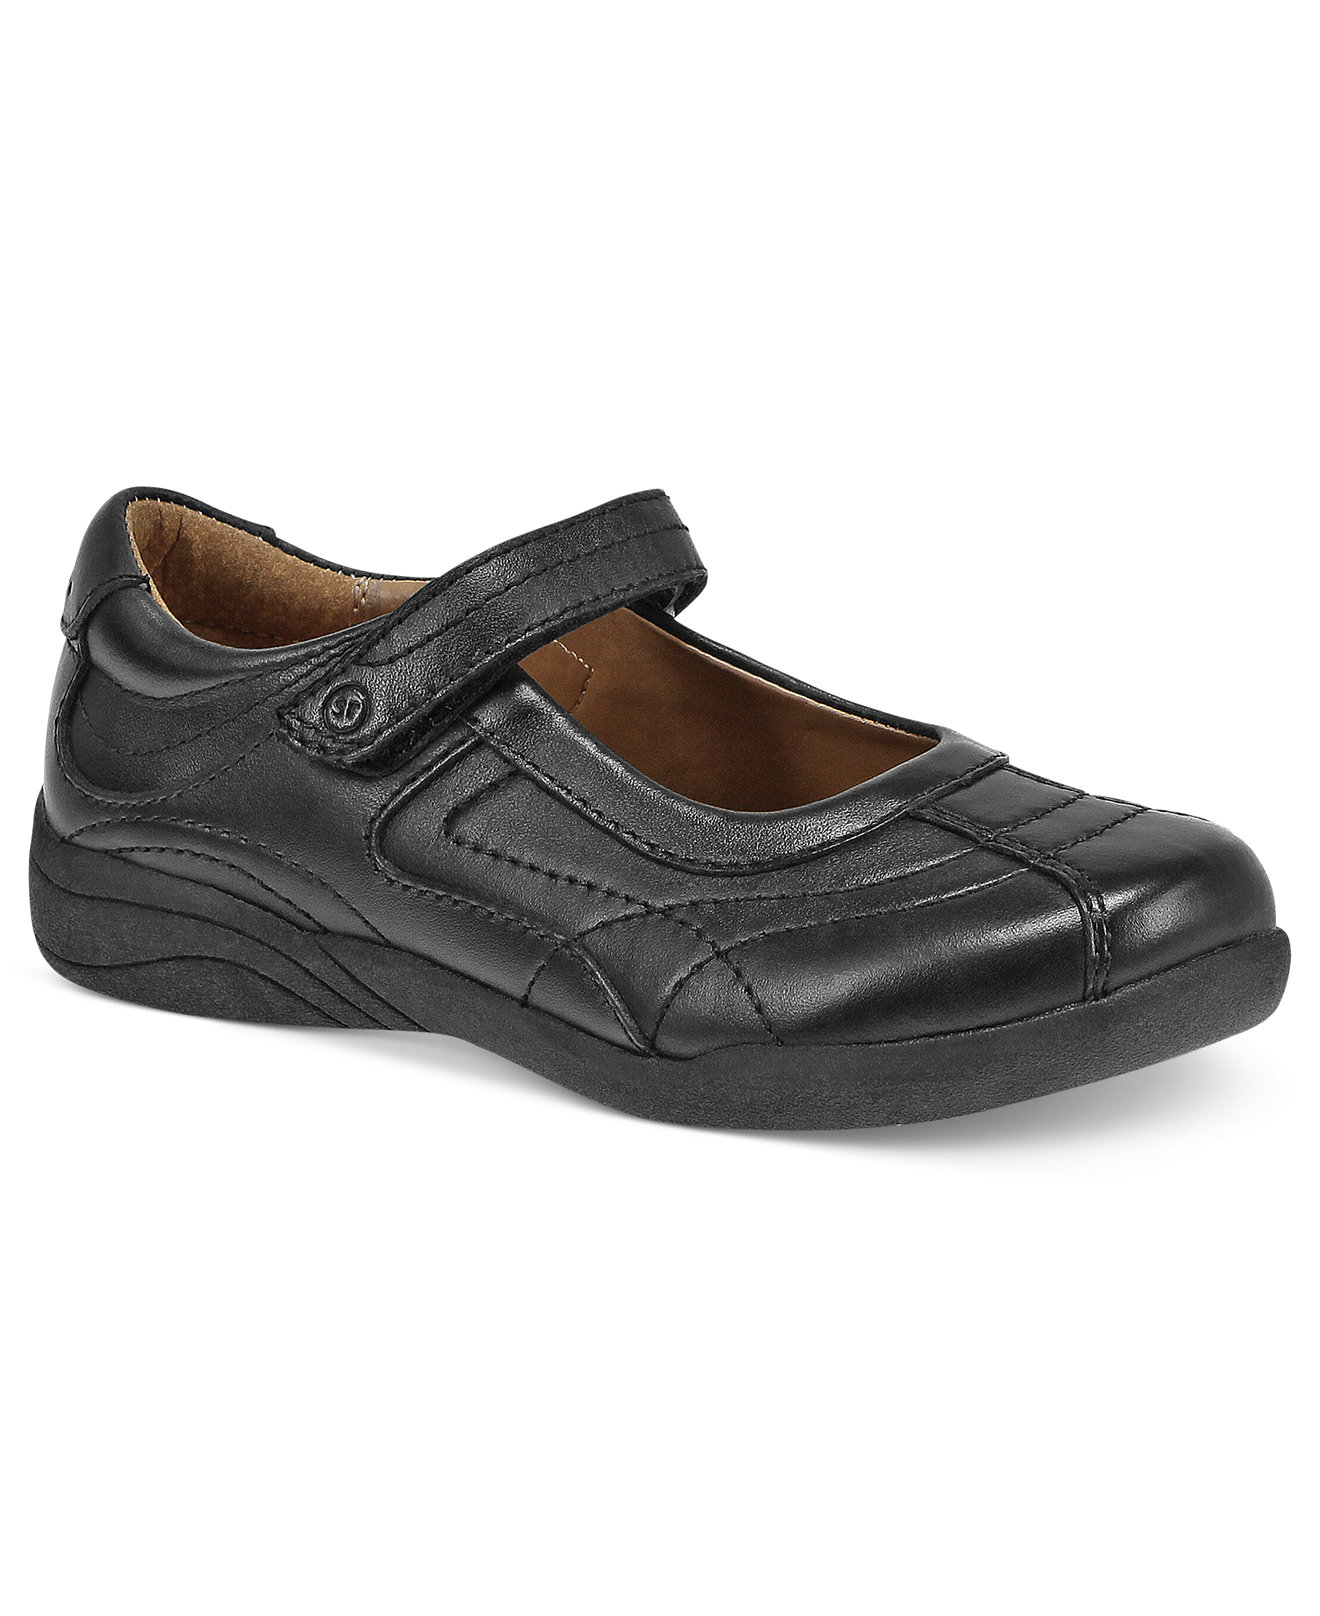 Fancy Dress Shoes For Women